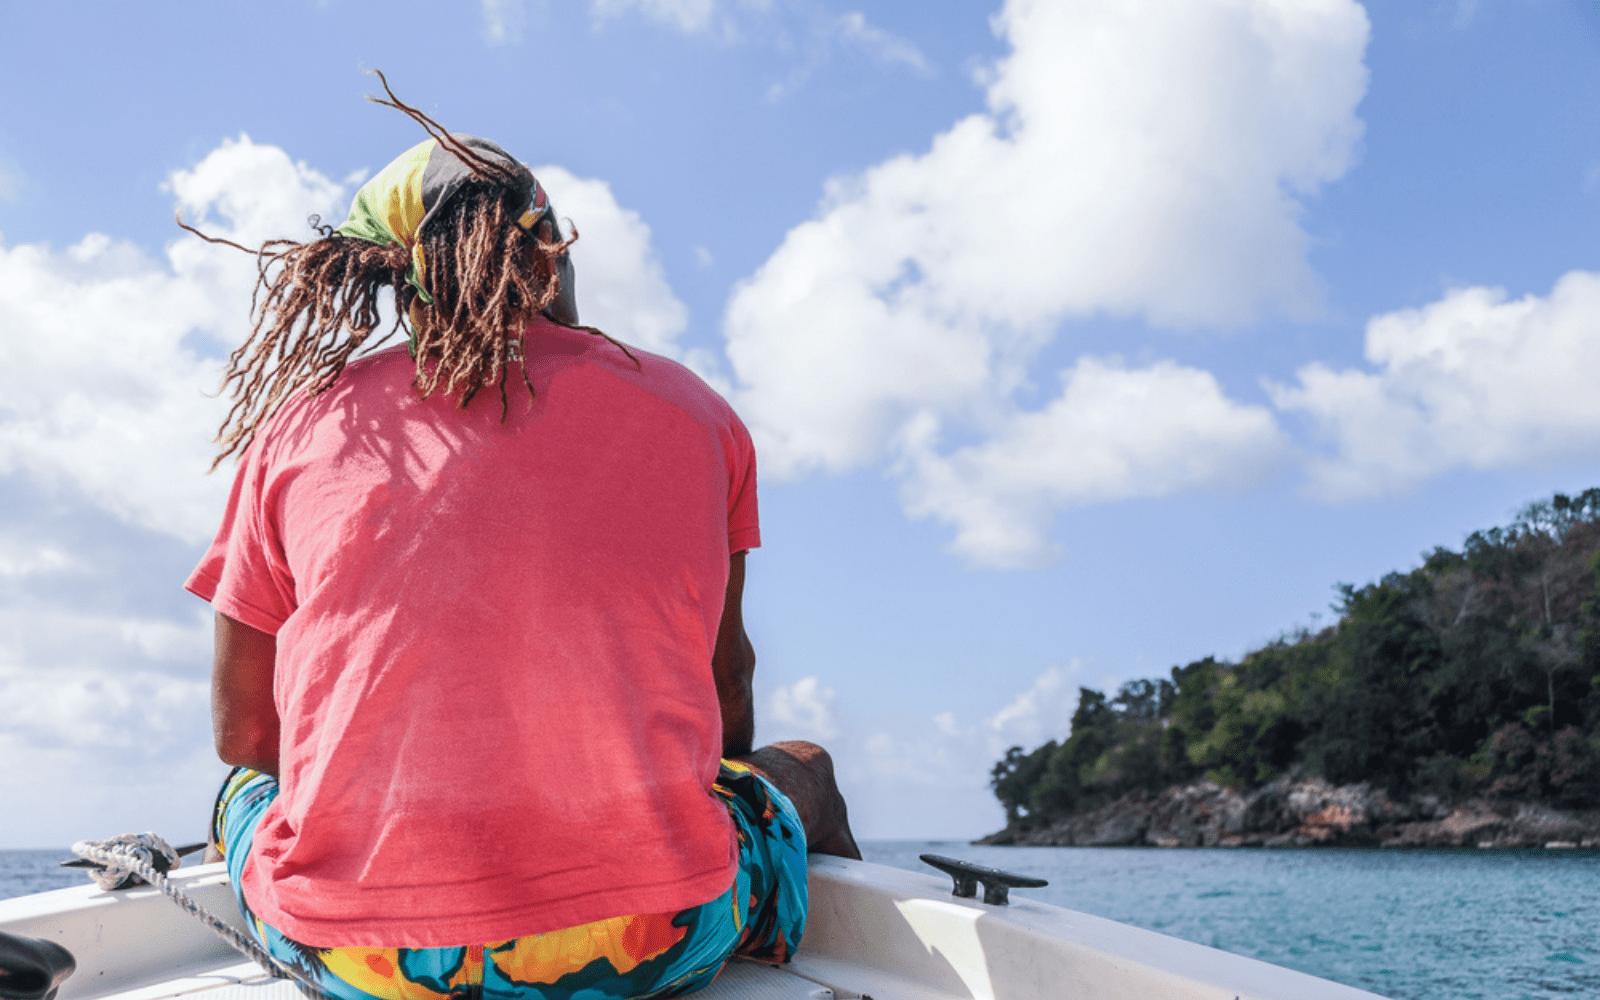 Jeune rasta de dos dreadlocks dans le vent, assis à la pointe d'une bateau